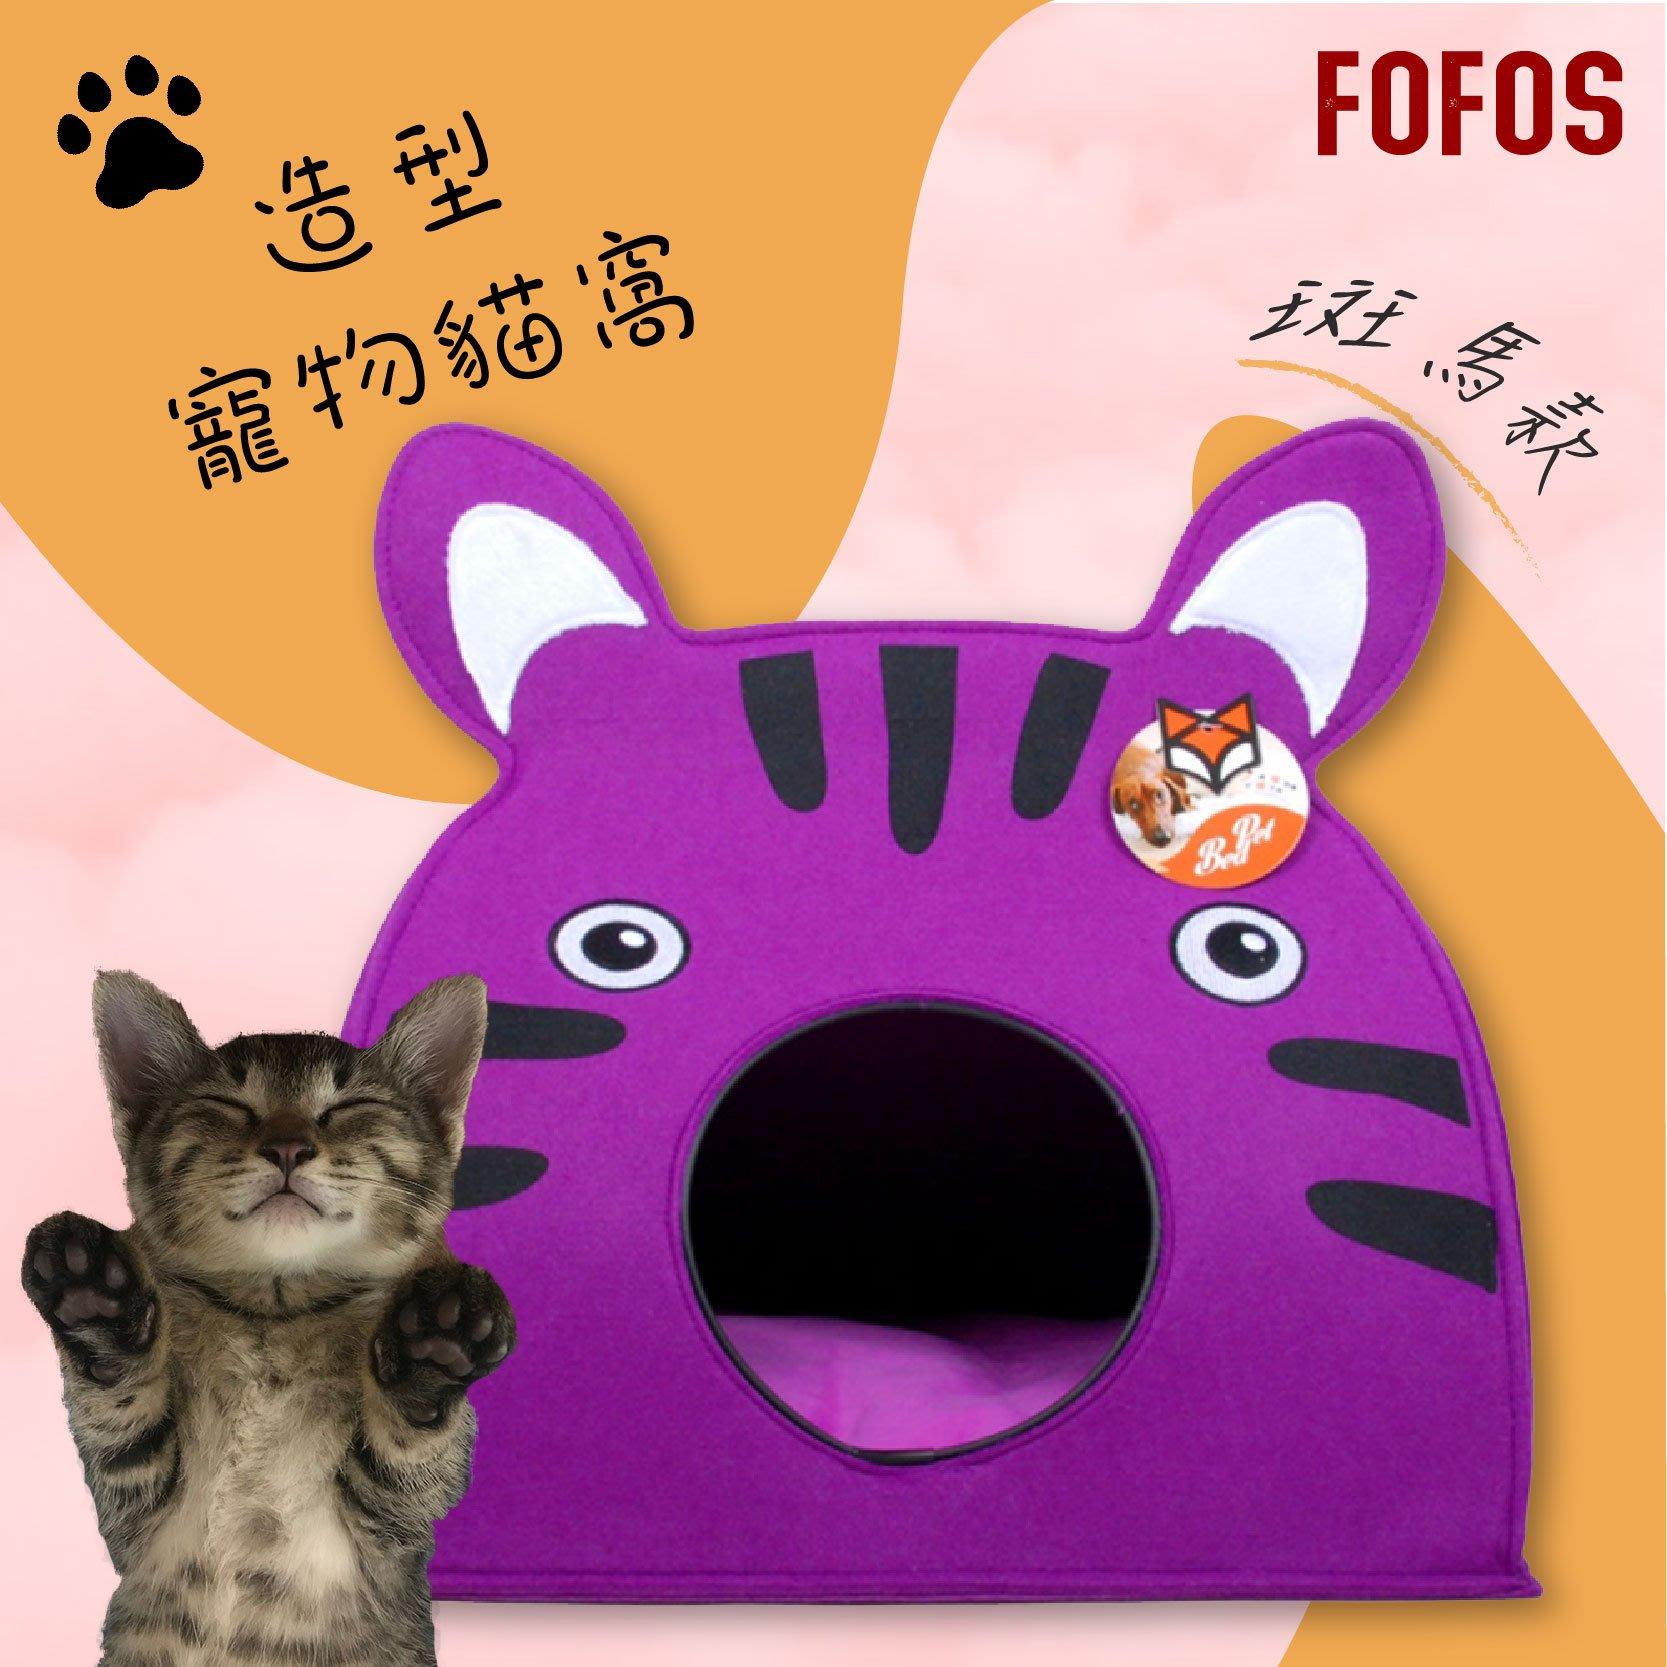 歡樂時光🐾 FOFOS 造型寵物貓窩-斑馬(紫) (貓咪狗狗/睡覺/床組/狗窩/貓窩/睡窩/睡床/睡墊/附軟墊)